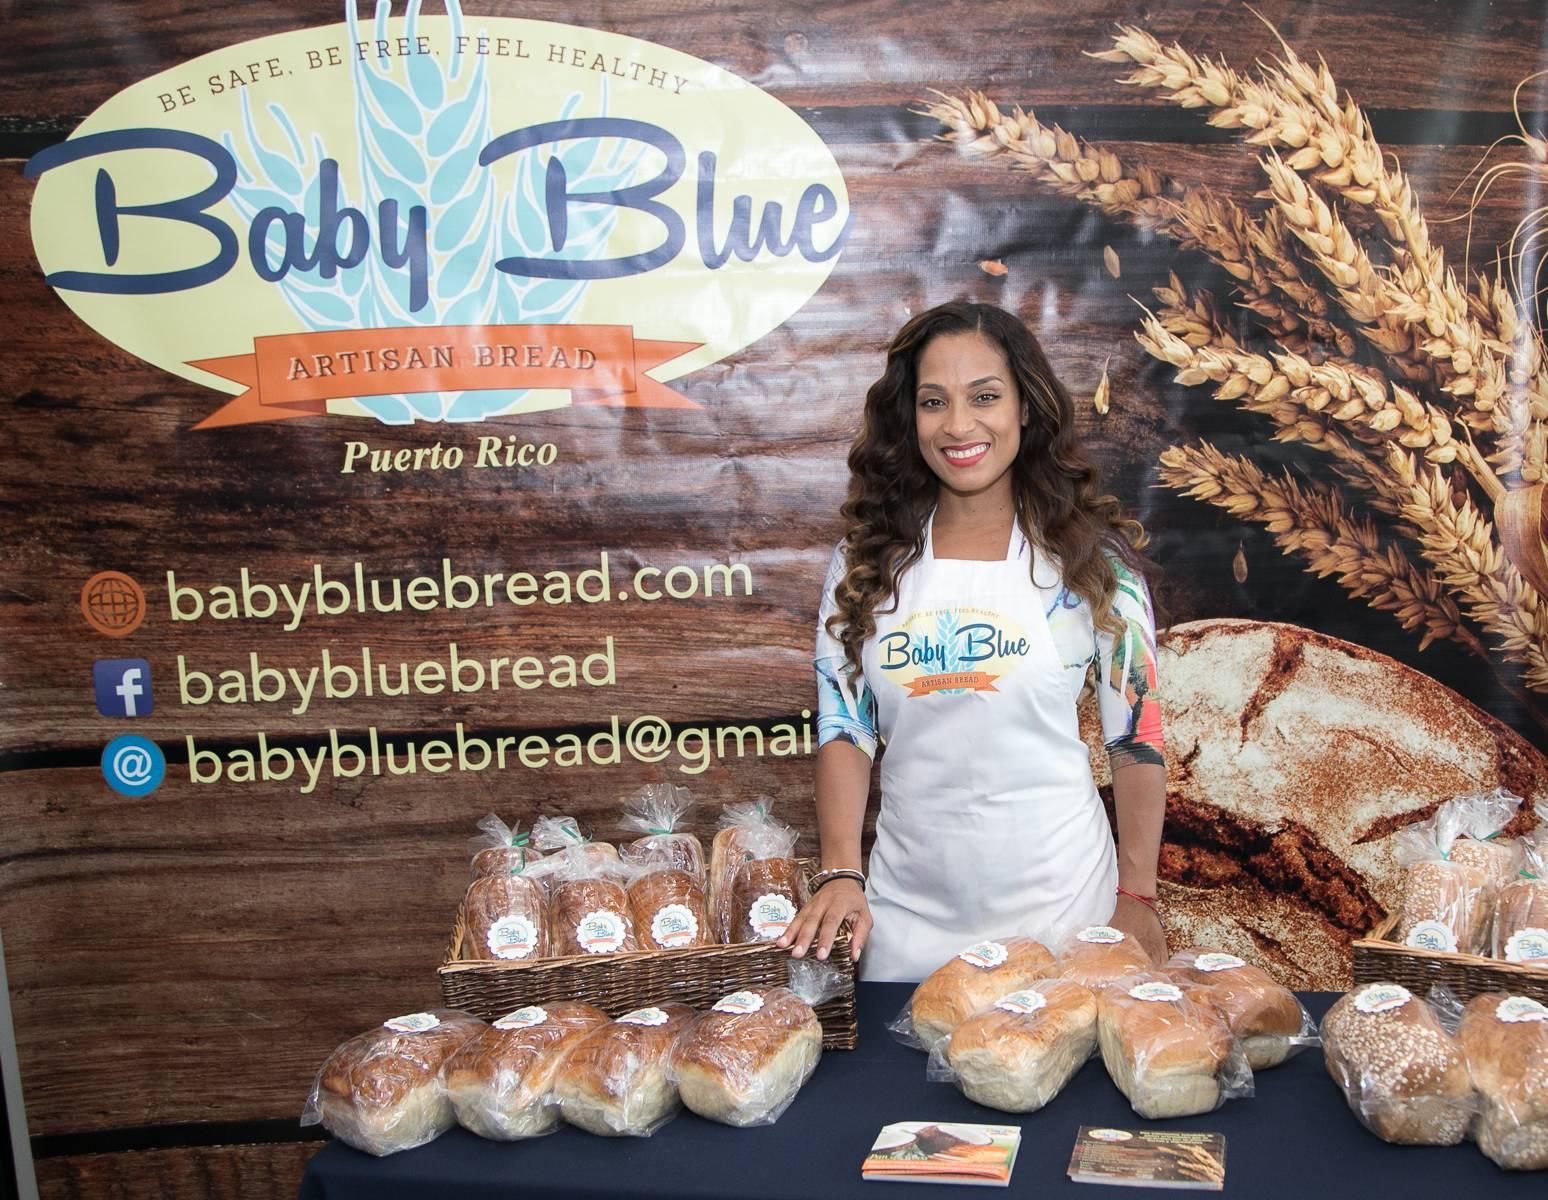 Marilyn Cabezudo de Baby Blue Bread